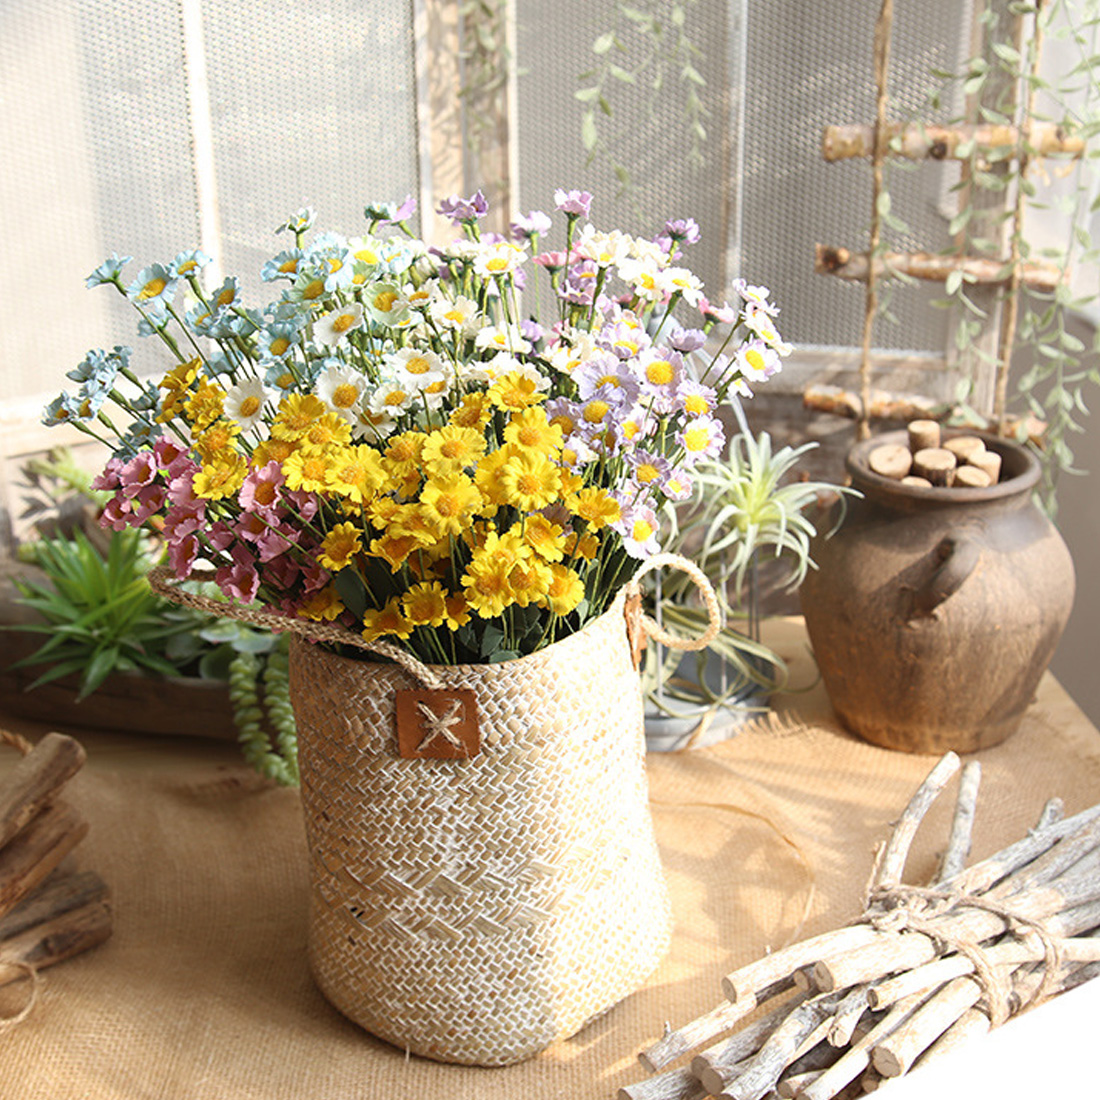 Garden Decoration 15 Heads Flower Daisies Fake Flower Bouquet